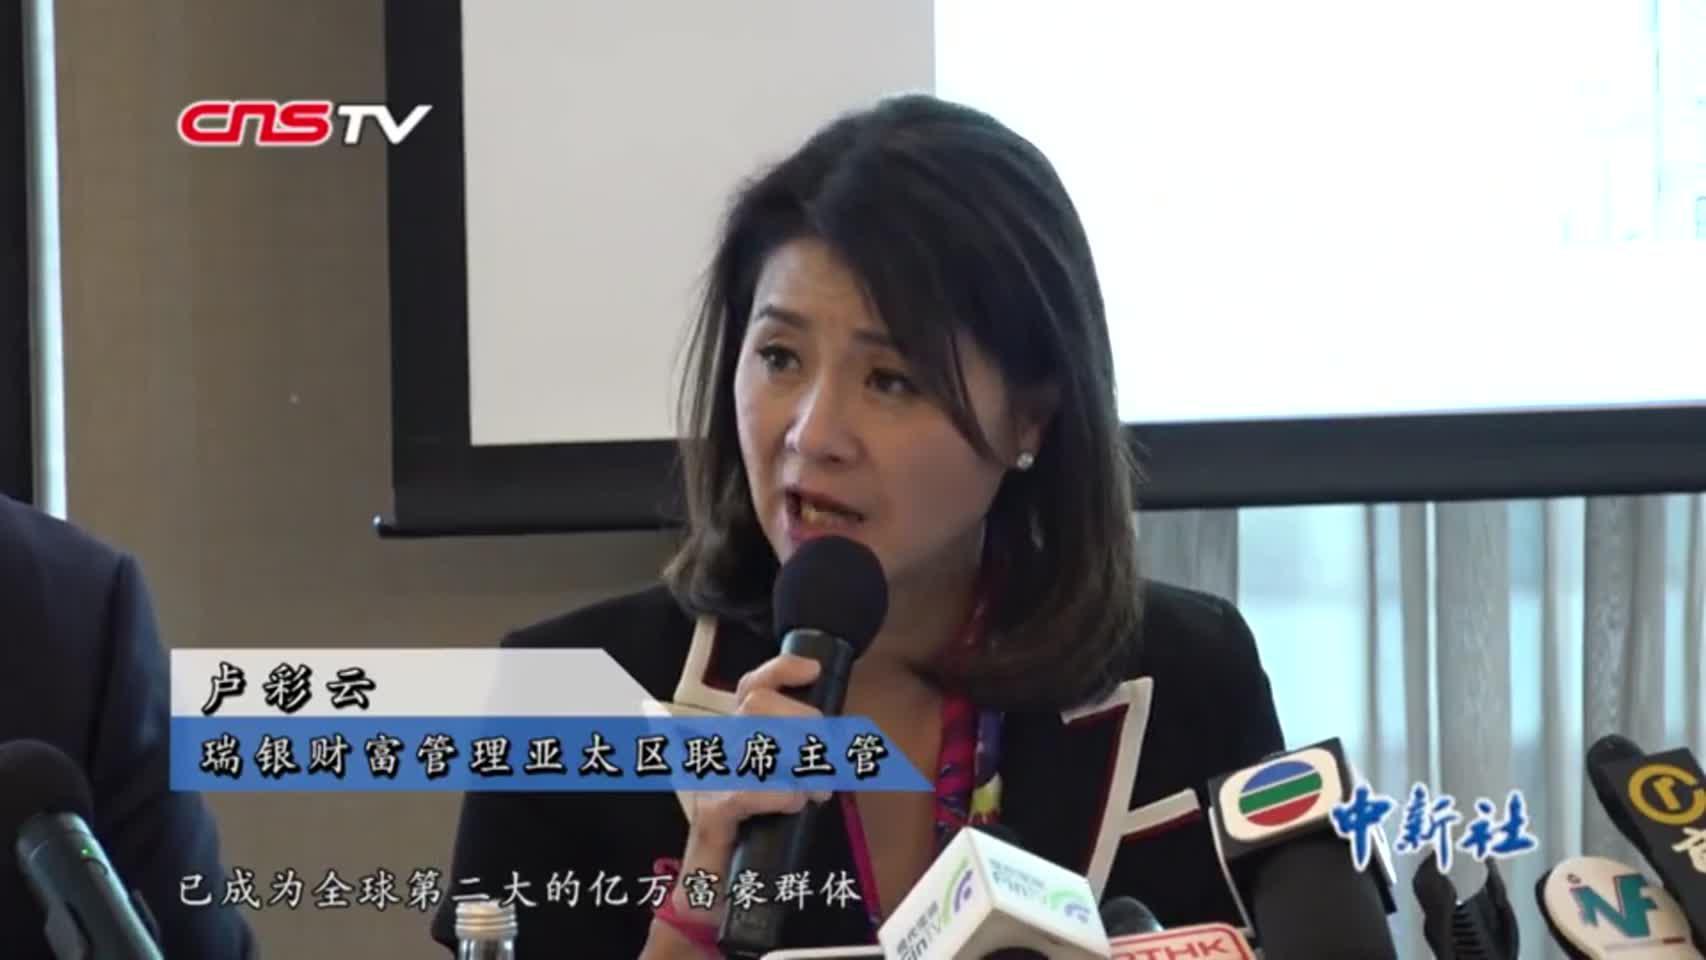 瑞银、普华永道联合报告:内地企业家成全球第二大亿万富豪群体